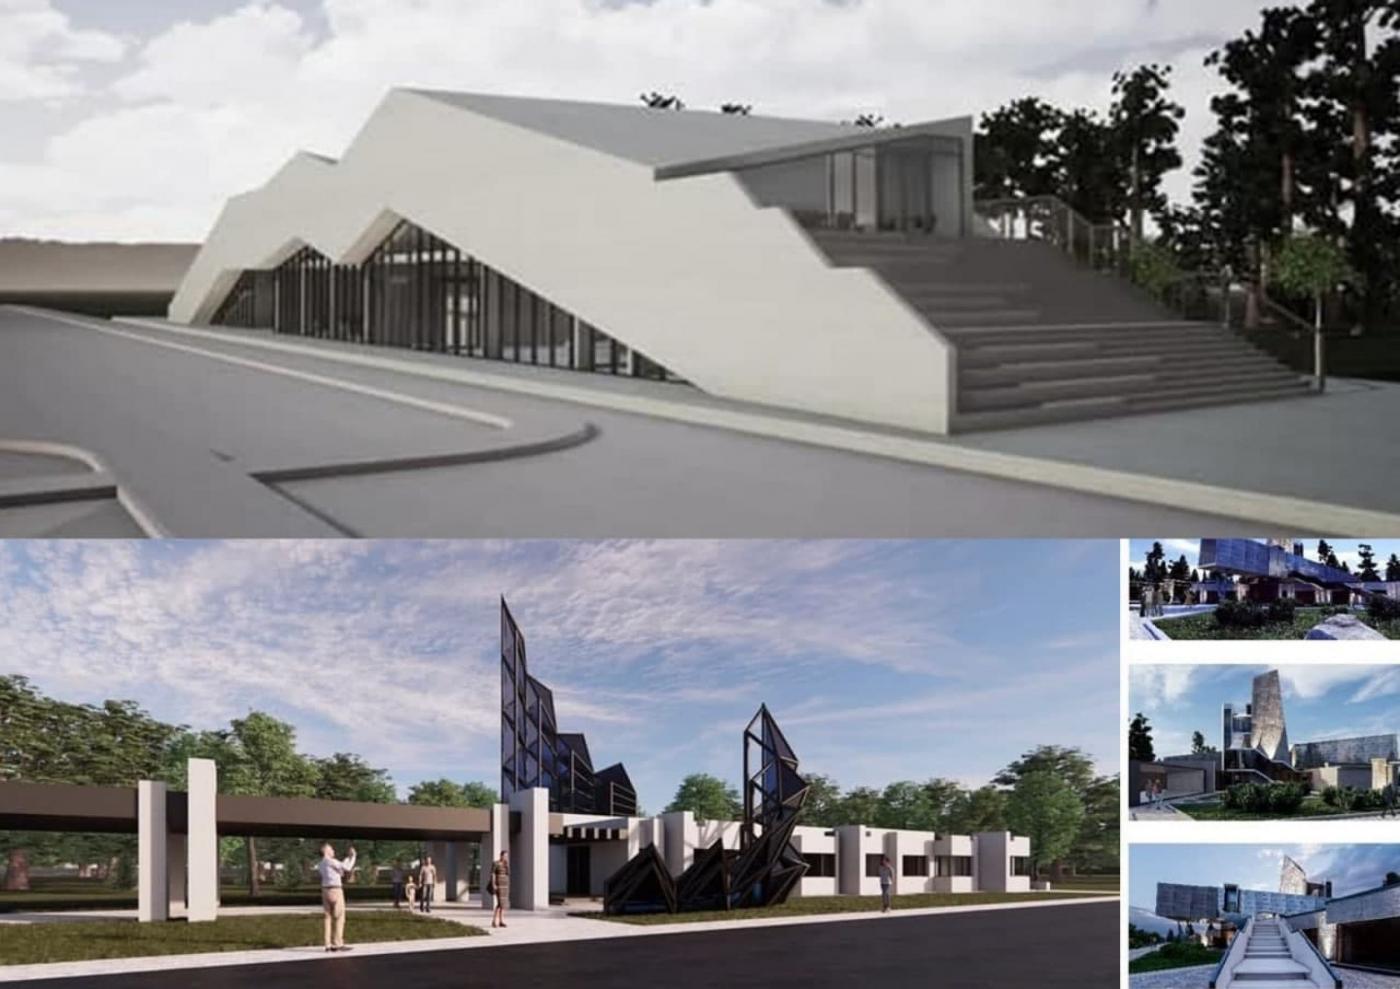 БНТУ: лучшие музейные проекты на тему «Хатынь»